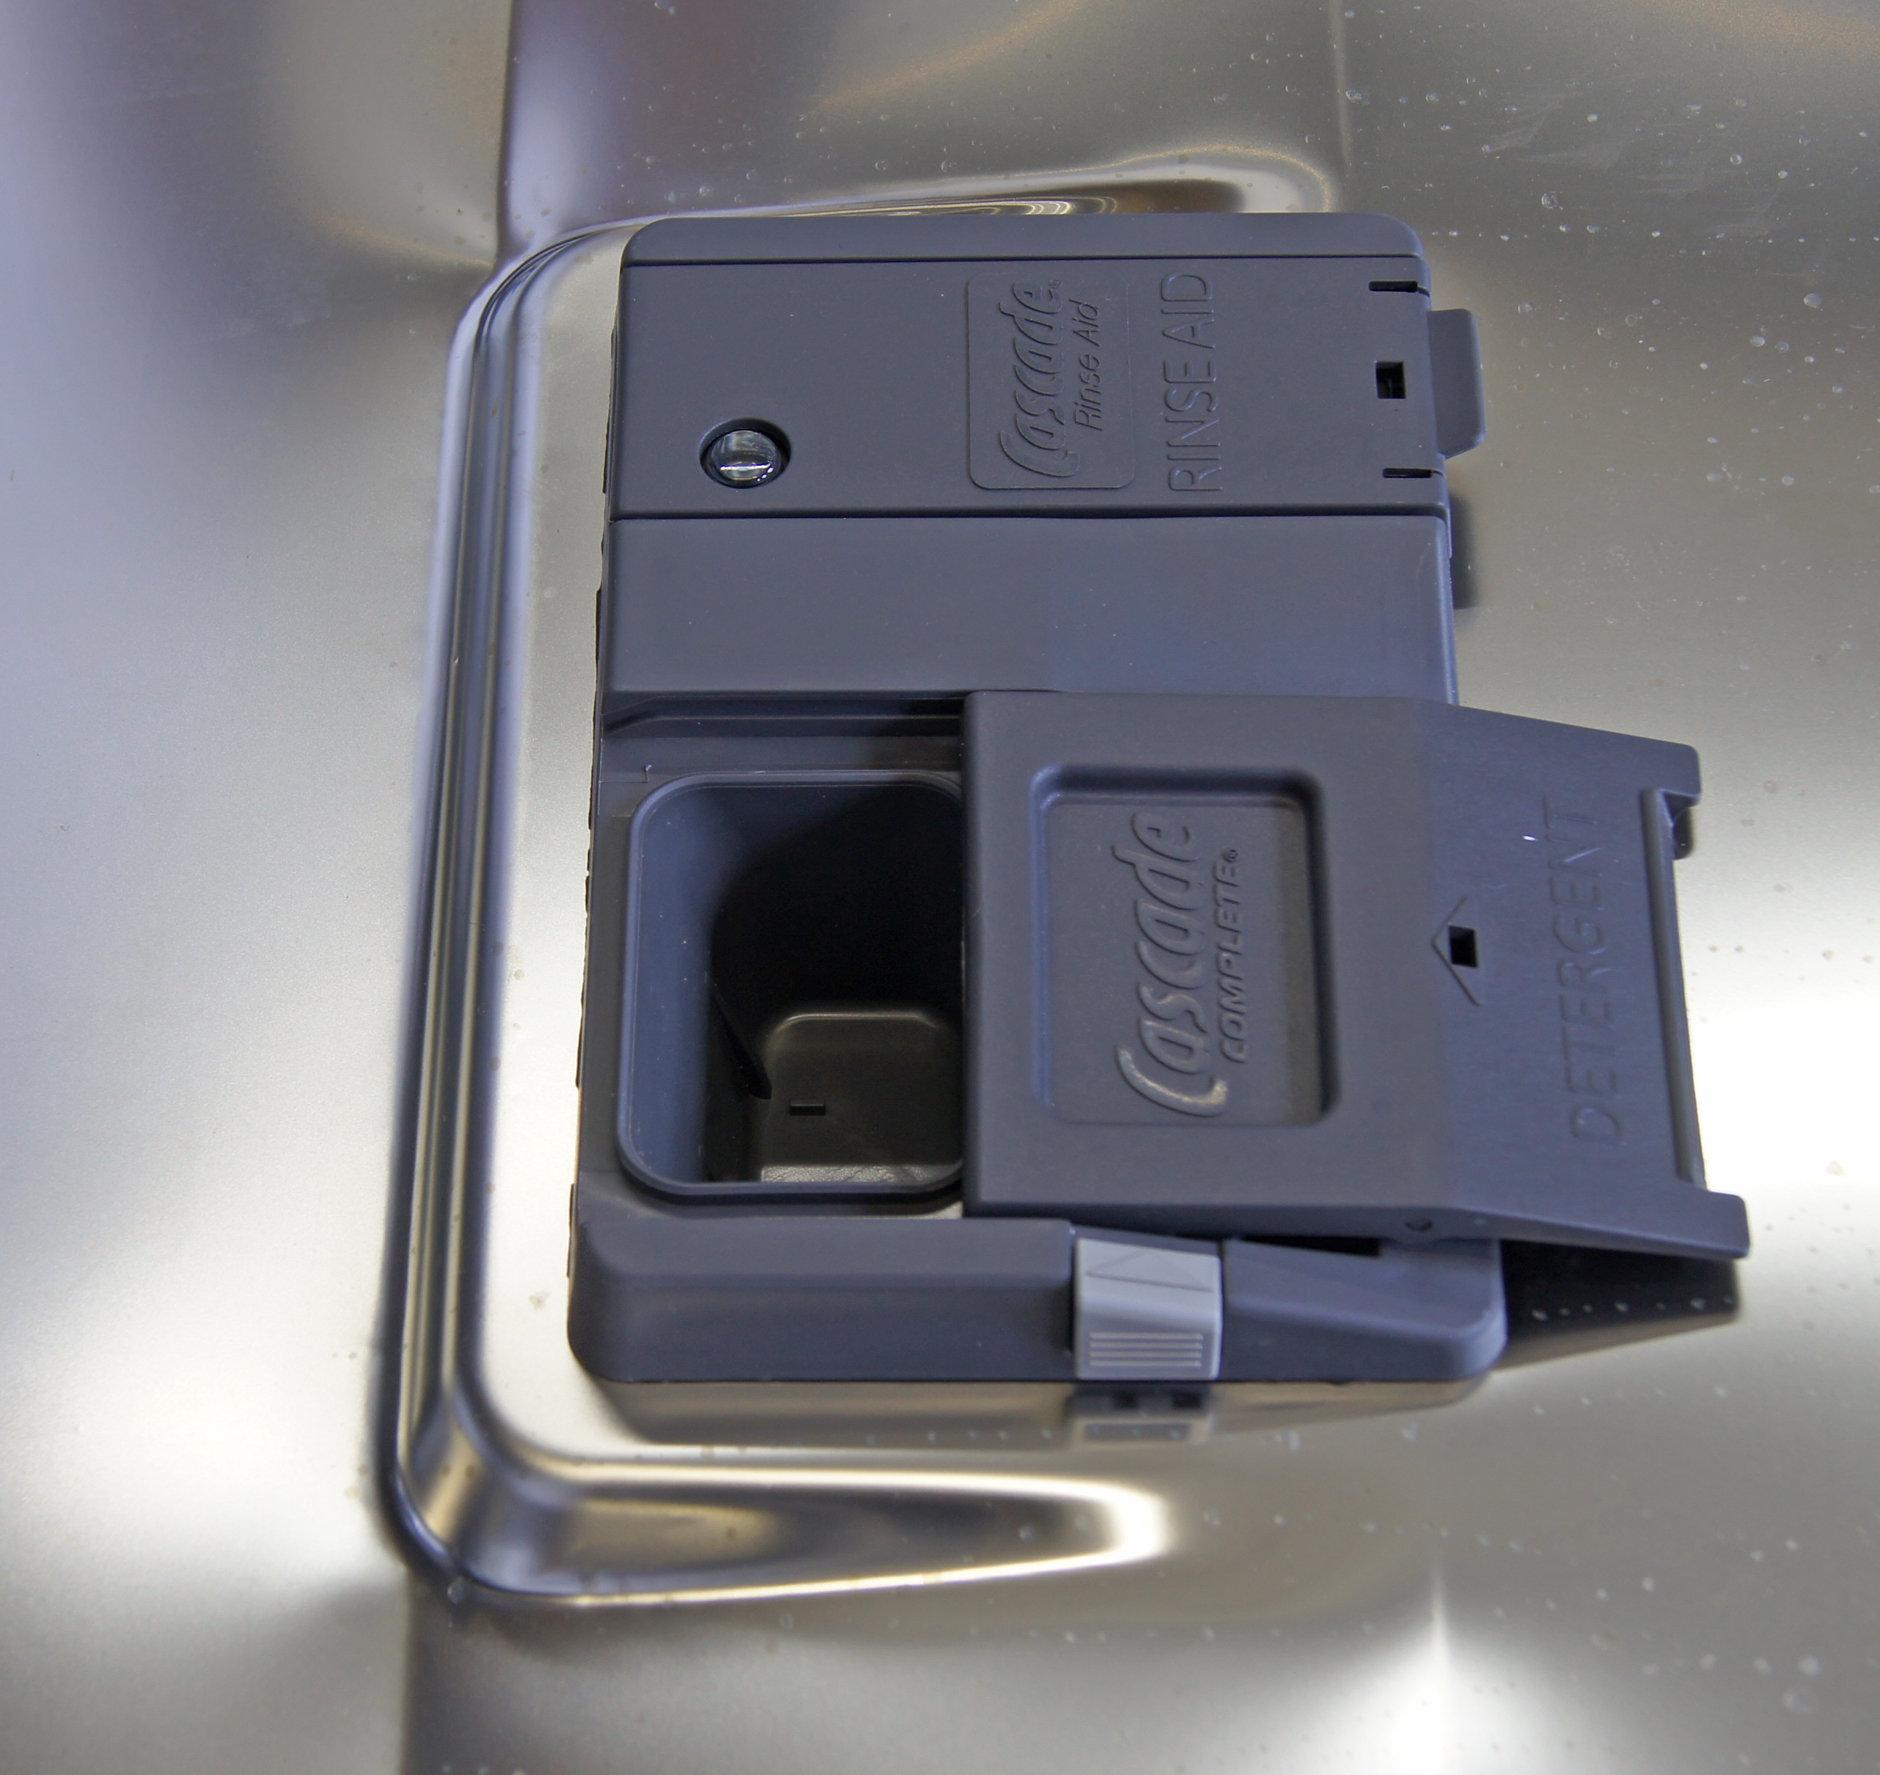 GE Cafe CDT725SSFSS detergent dispenser